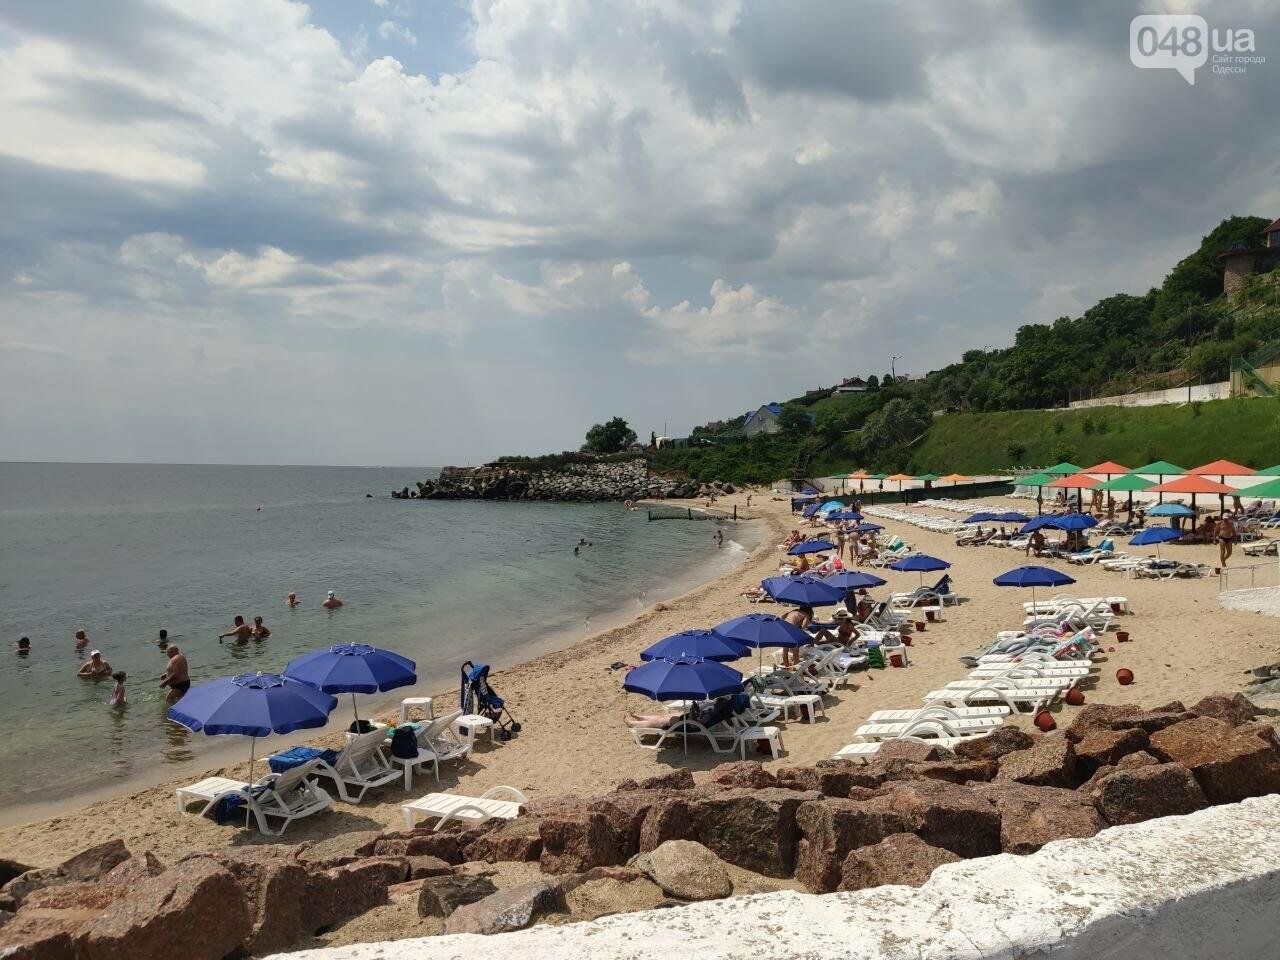 Пляж на Совиньоне под Одессой: что находится на закрытой территории и как туда попасть, - ФОТО, фото-3